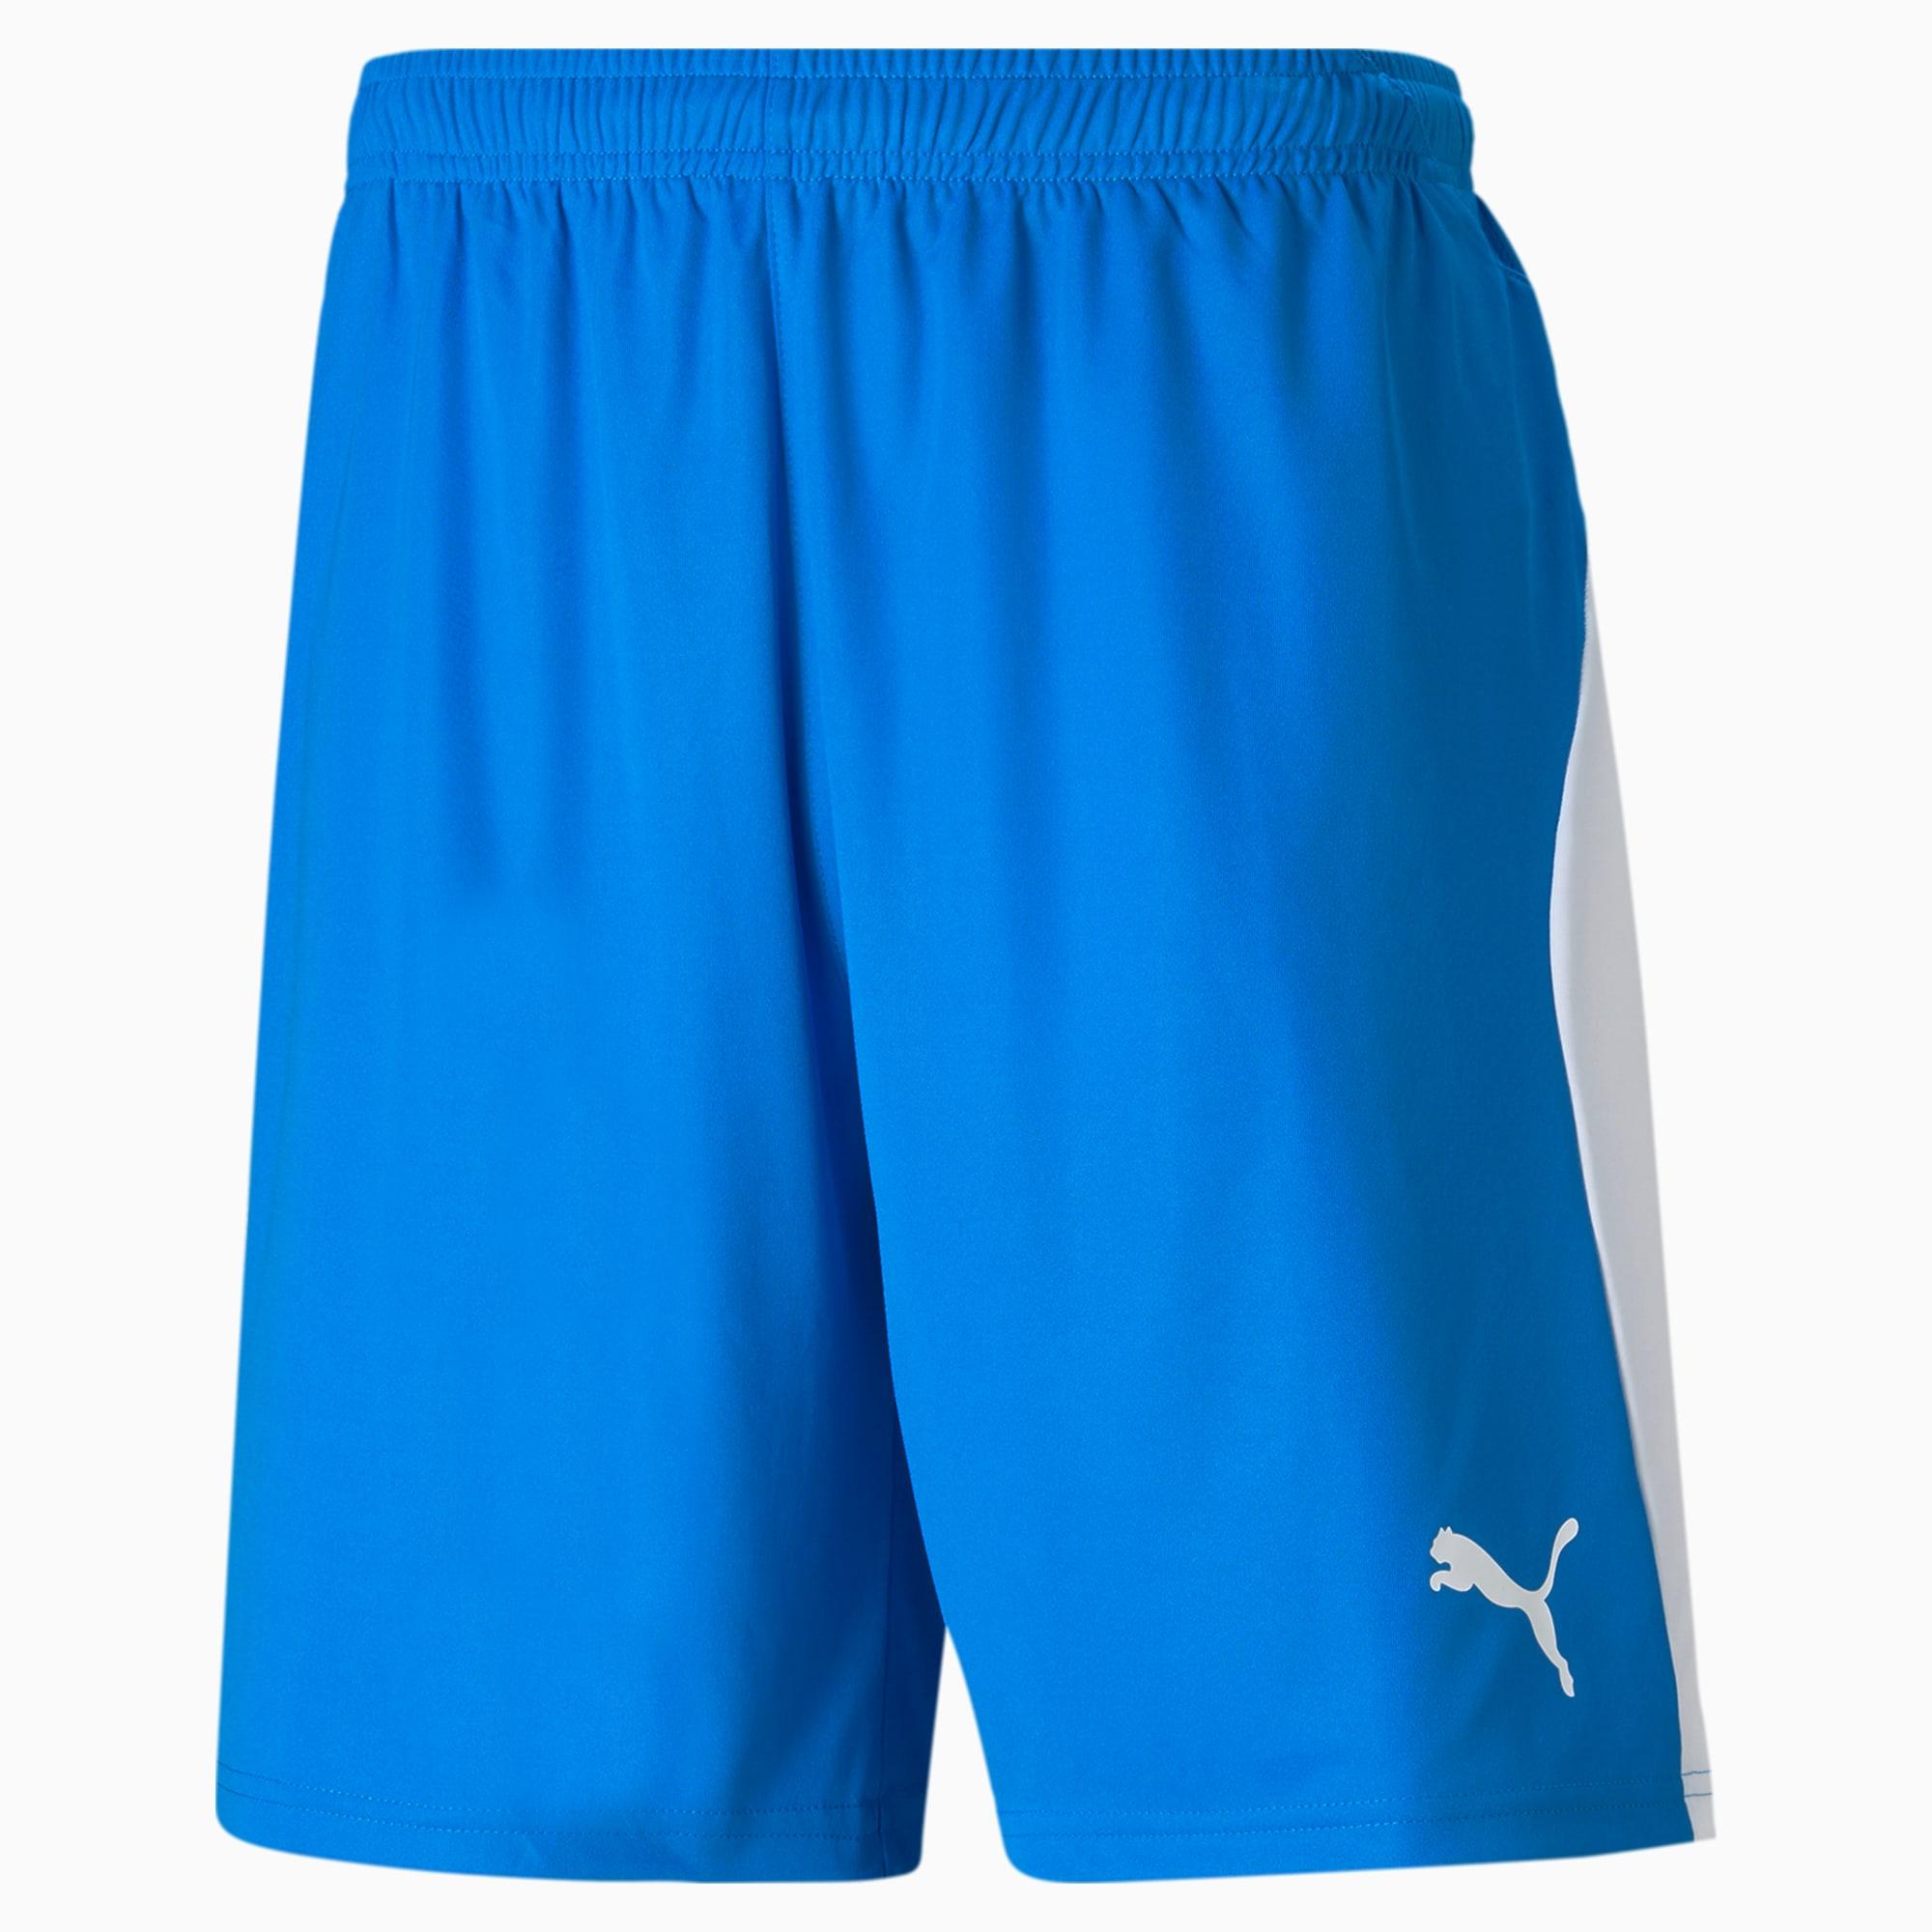 PUMA Liga Men's Shorts, Electric Blue/White, size Medium, Clothing